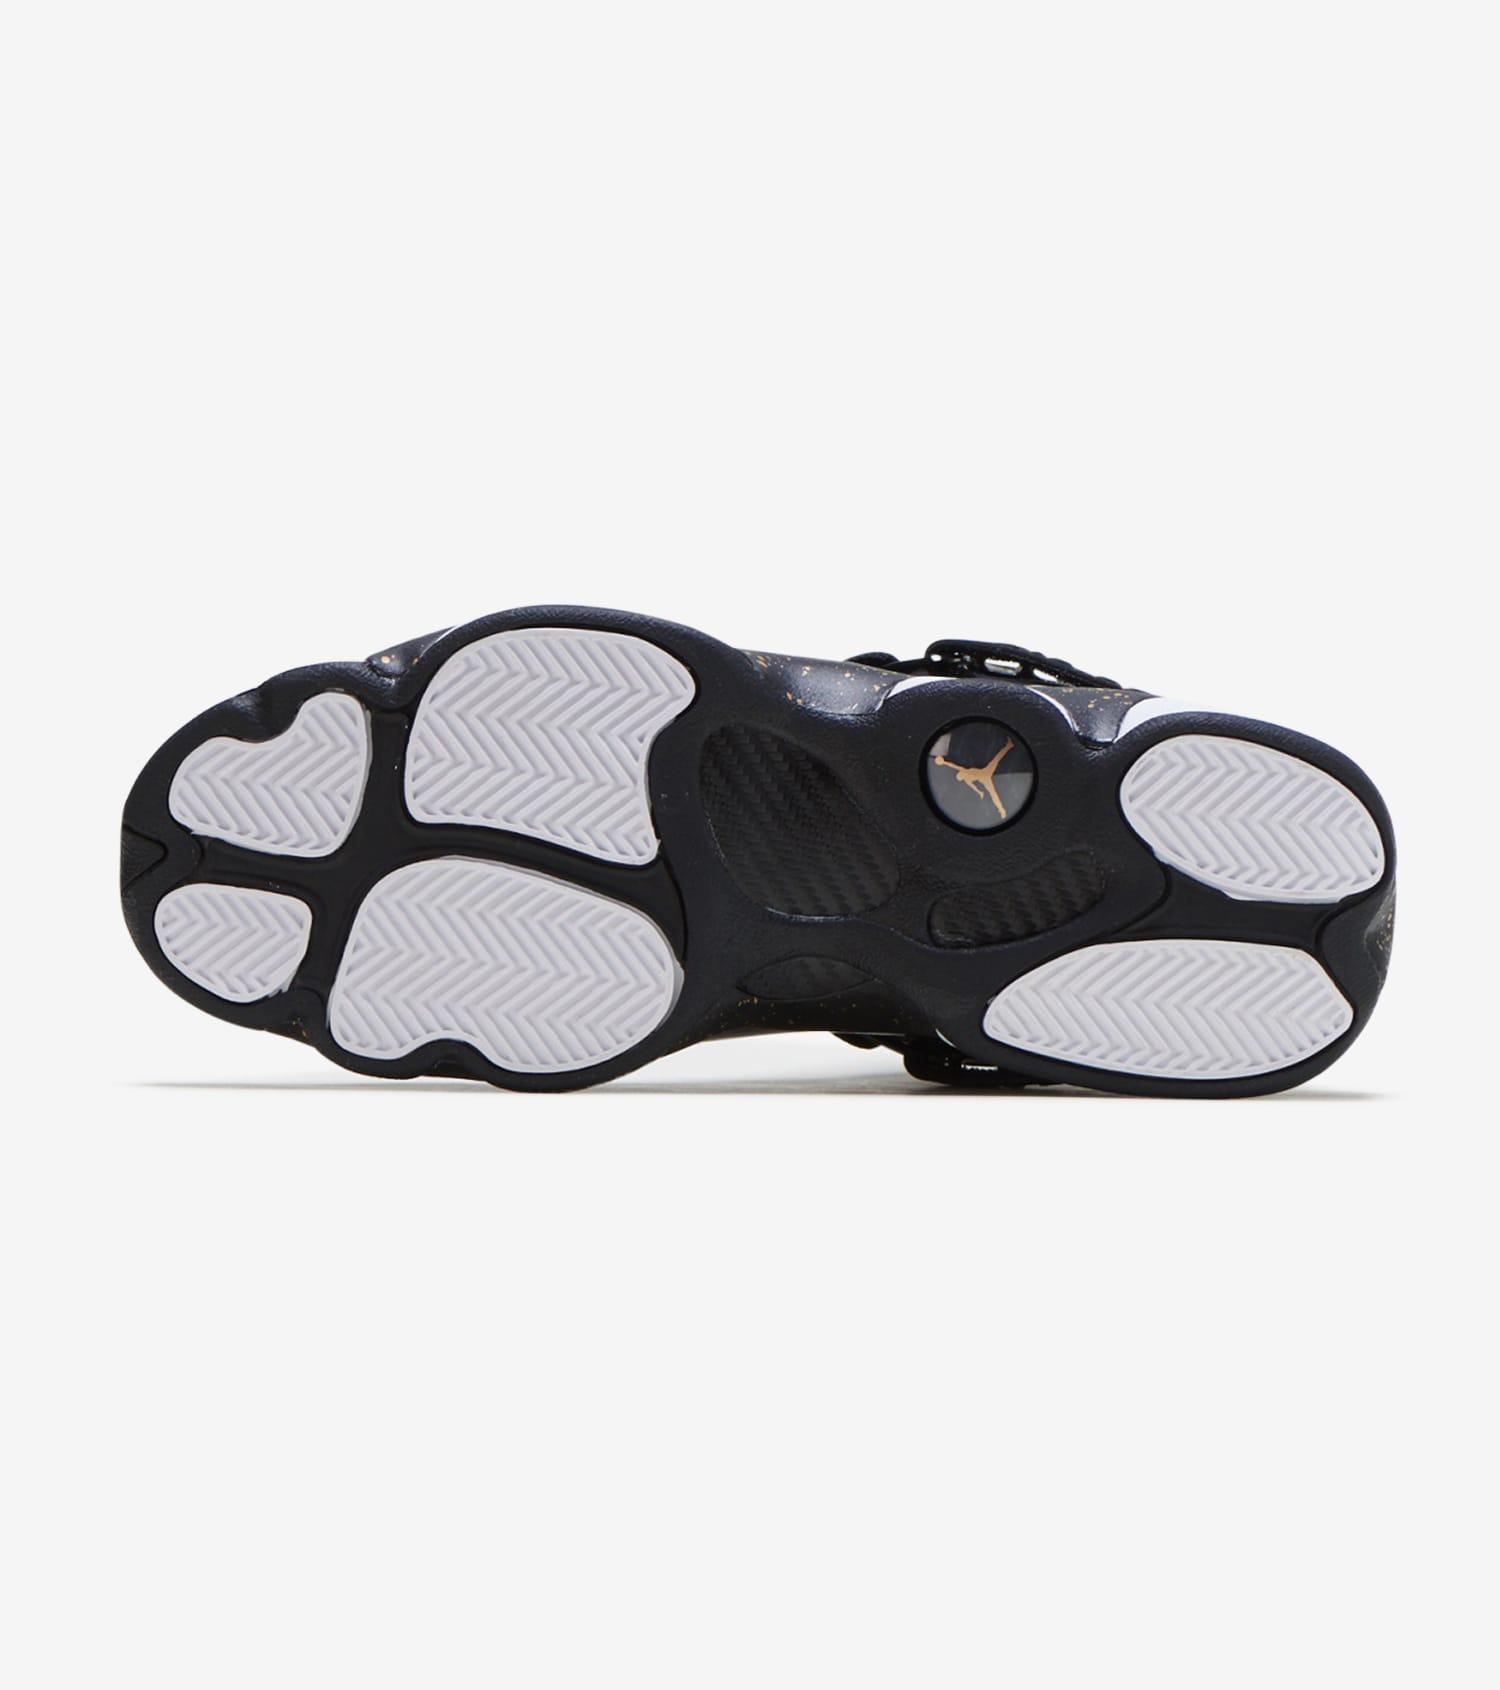 meet 1121c 52df6 6 Rings Shoes